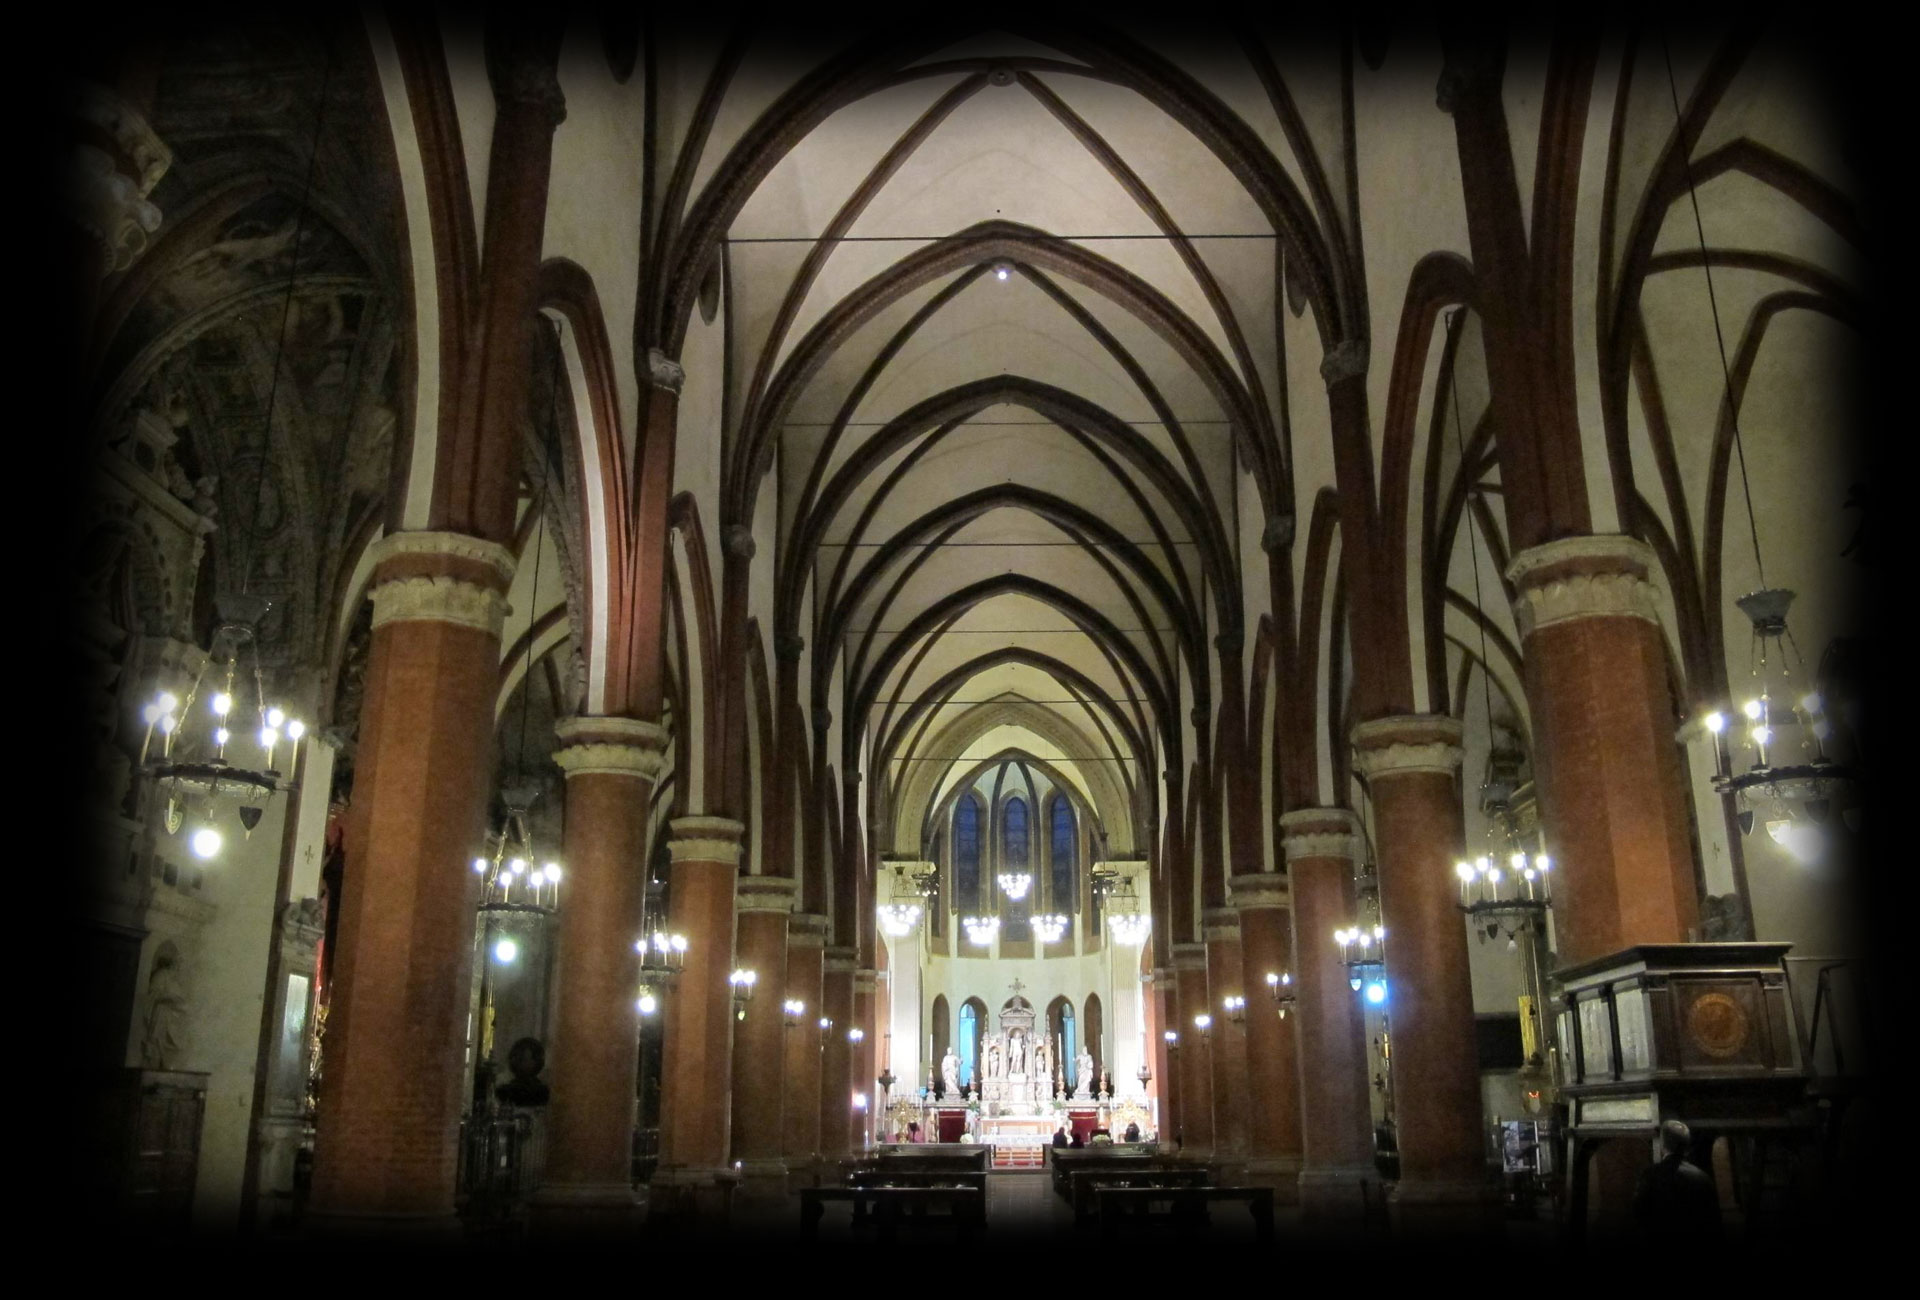 cappella_musica_santa_maria_dei_servi_bologna_1920x1300